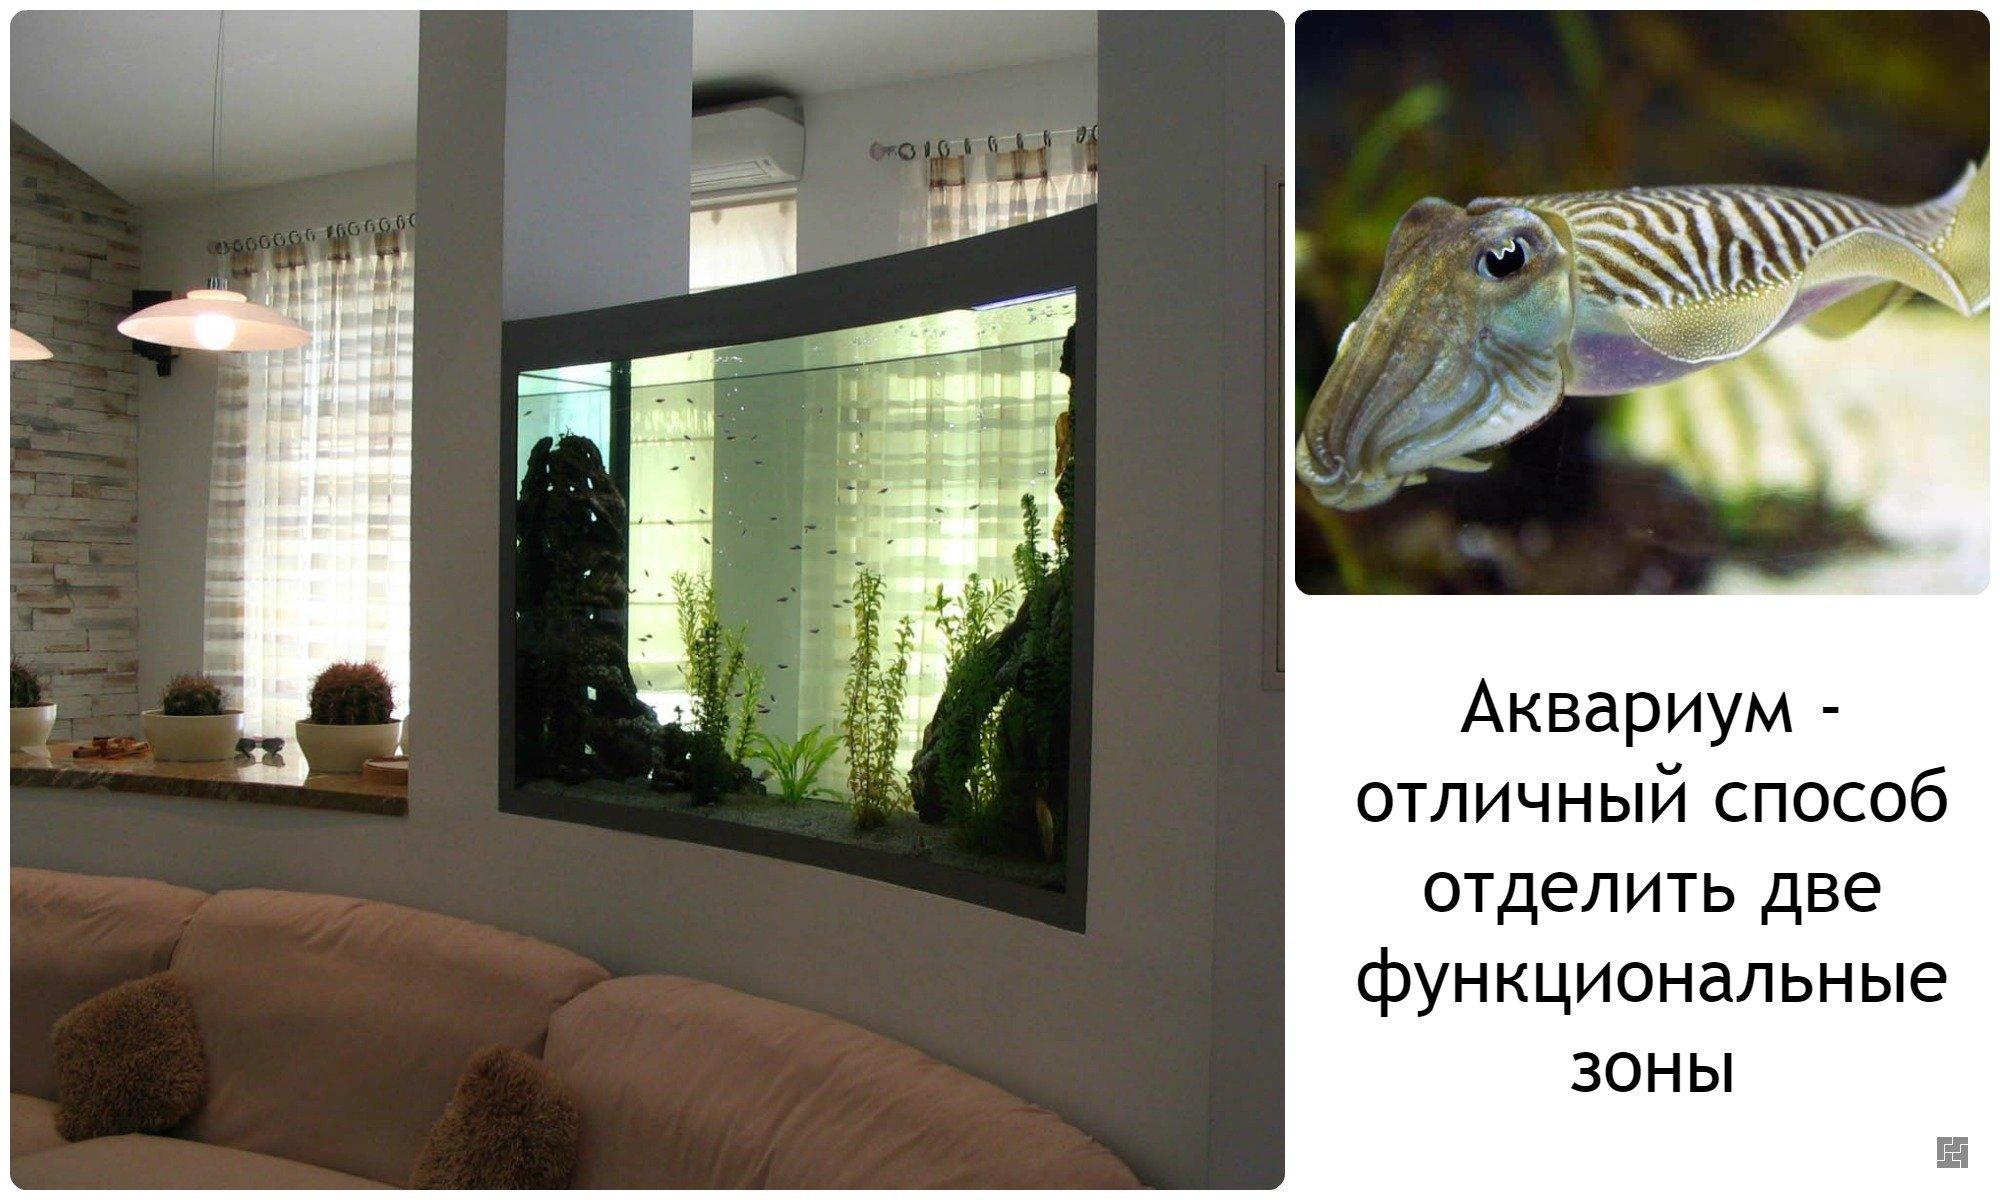 Аквариум в интерьере квартиры, гостиной, фото.